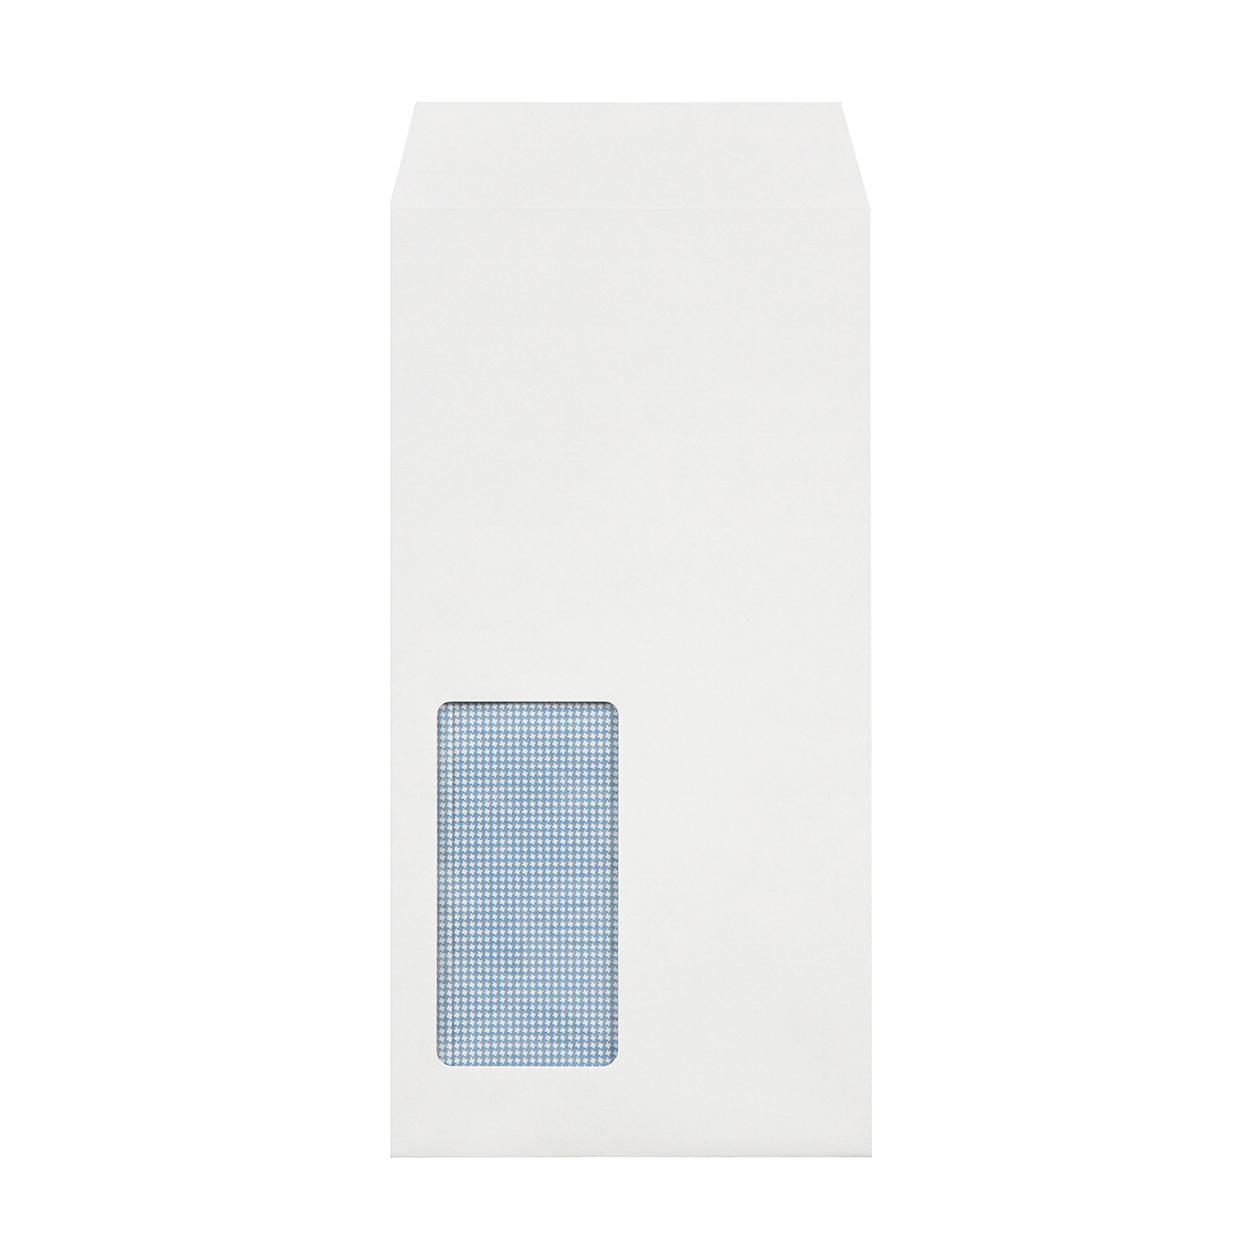 長3窓封筒 HAGURUMA Basic プレインホワイト 100g 地紋有